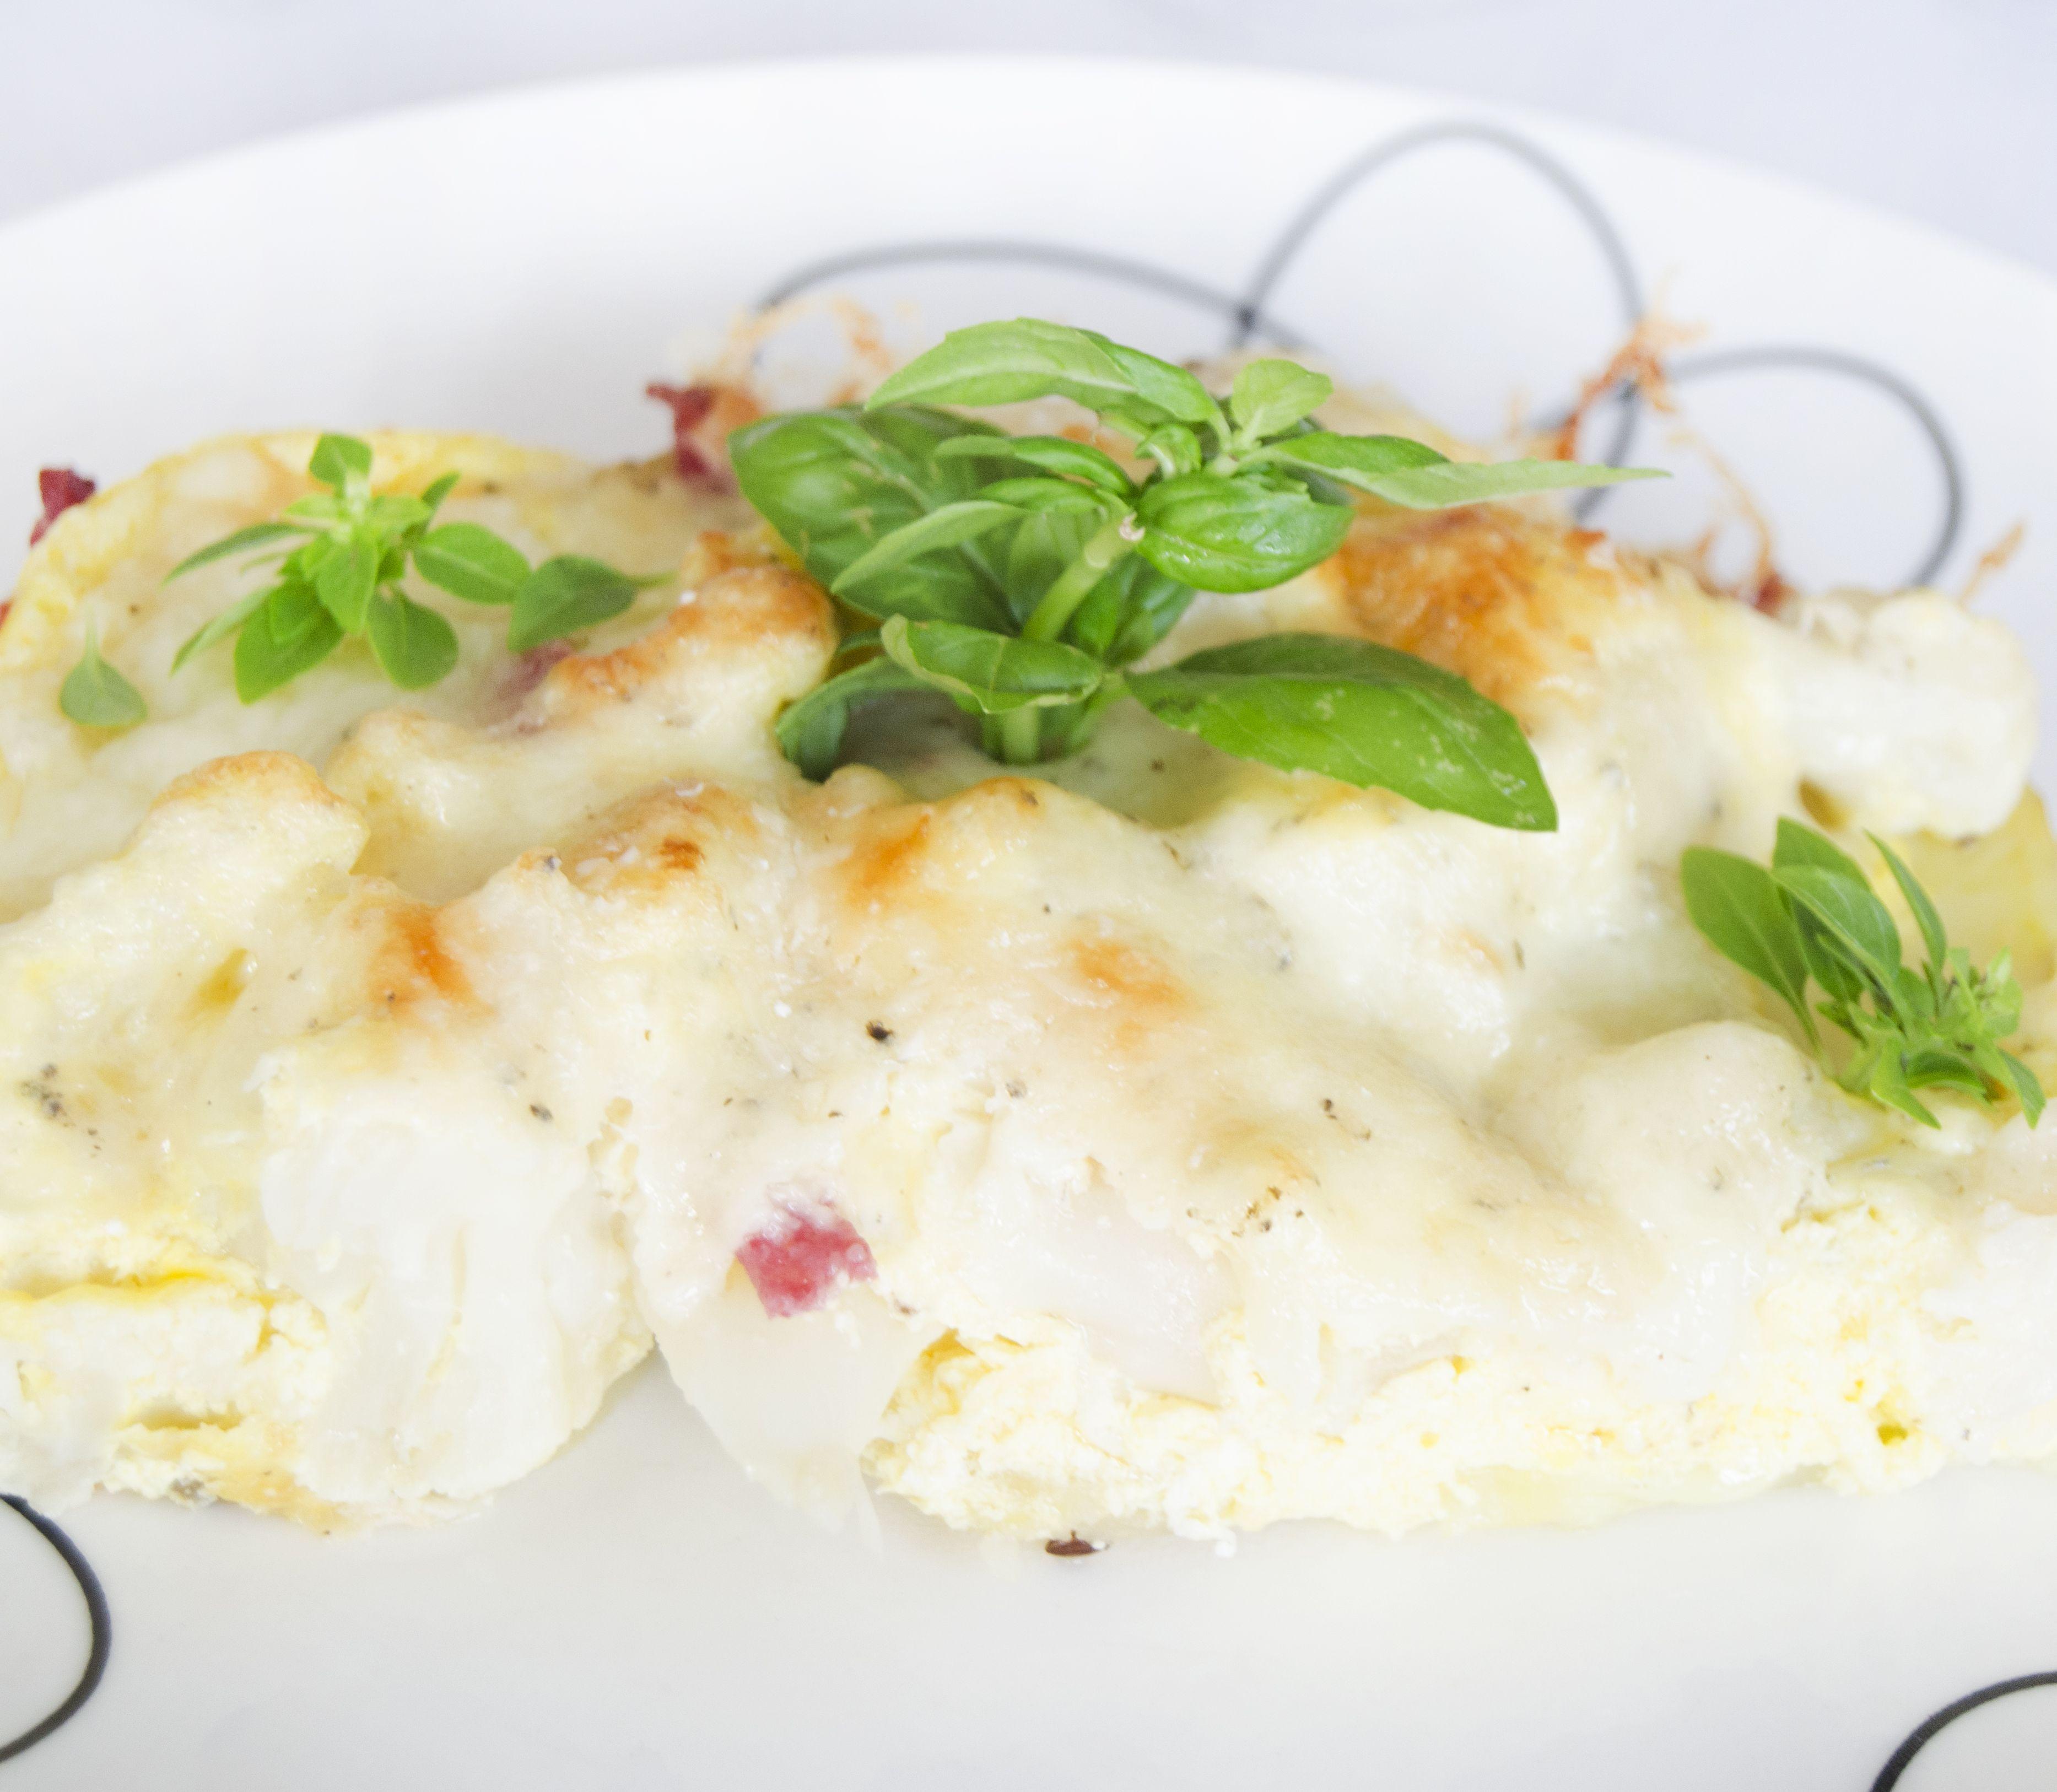 FOTORECEPT Zapekaný karfiol so salámou a syrom: Rýchla náhrada vyprážania